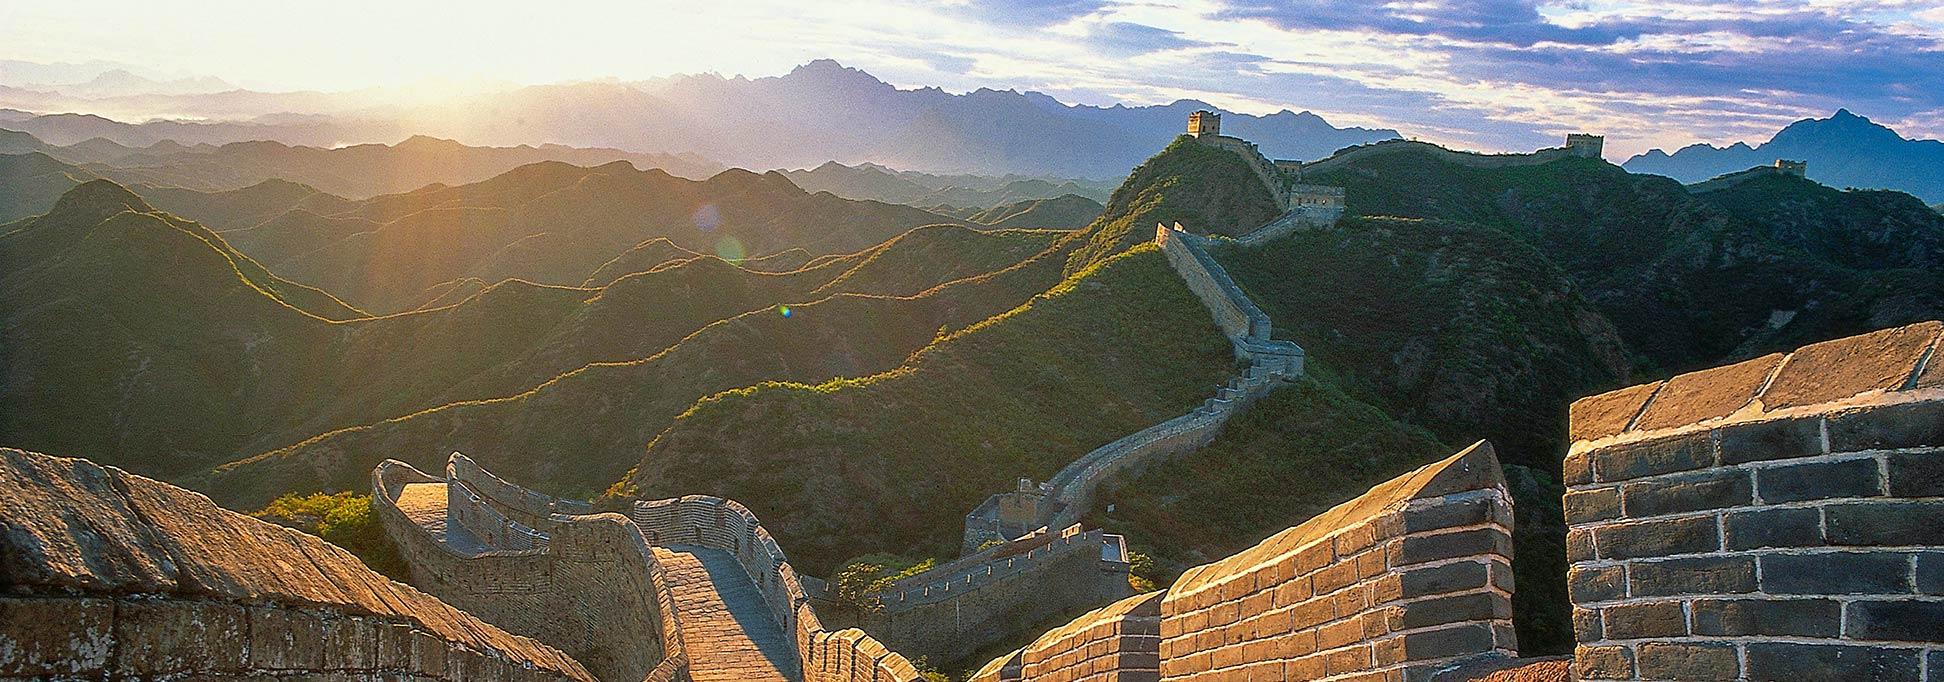 Tường thành dài nhất Trung Quốc Vạn Lý Trường Thành